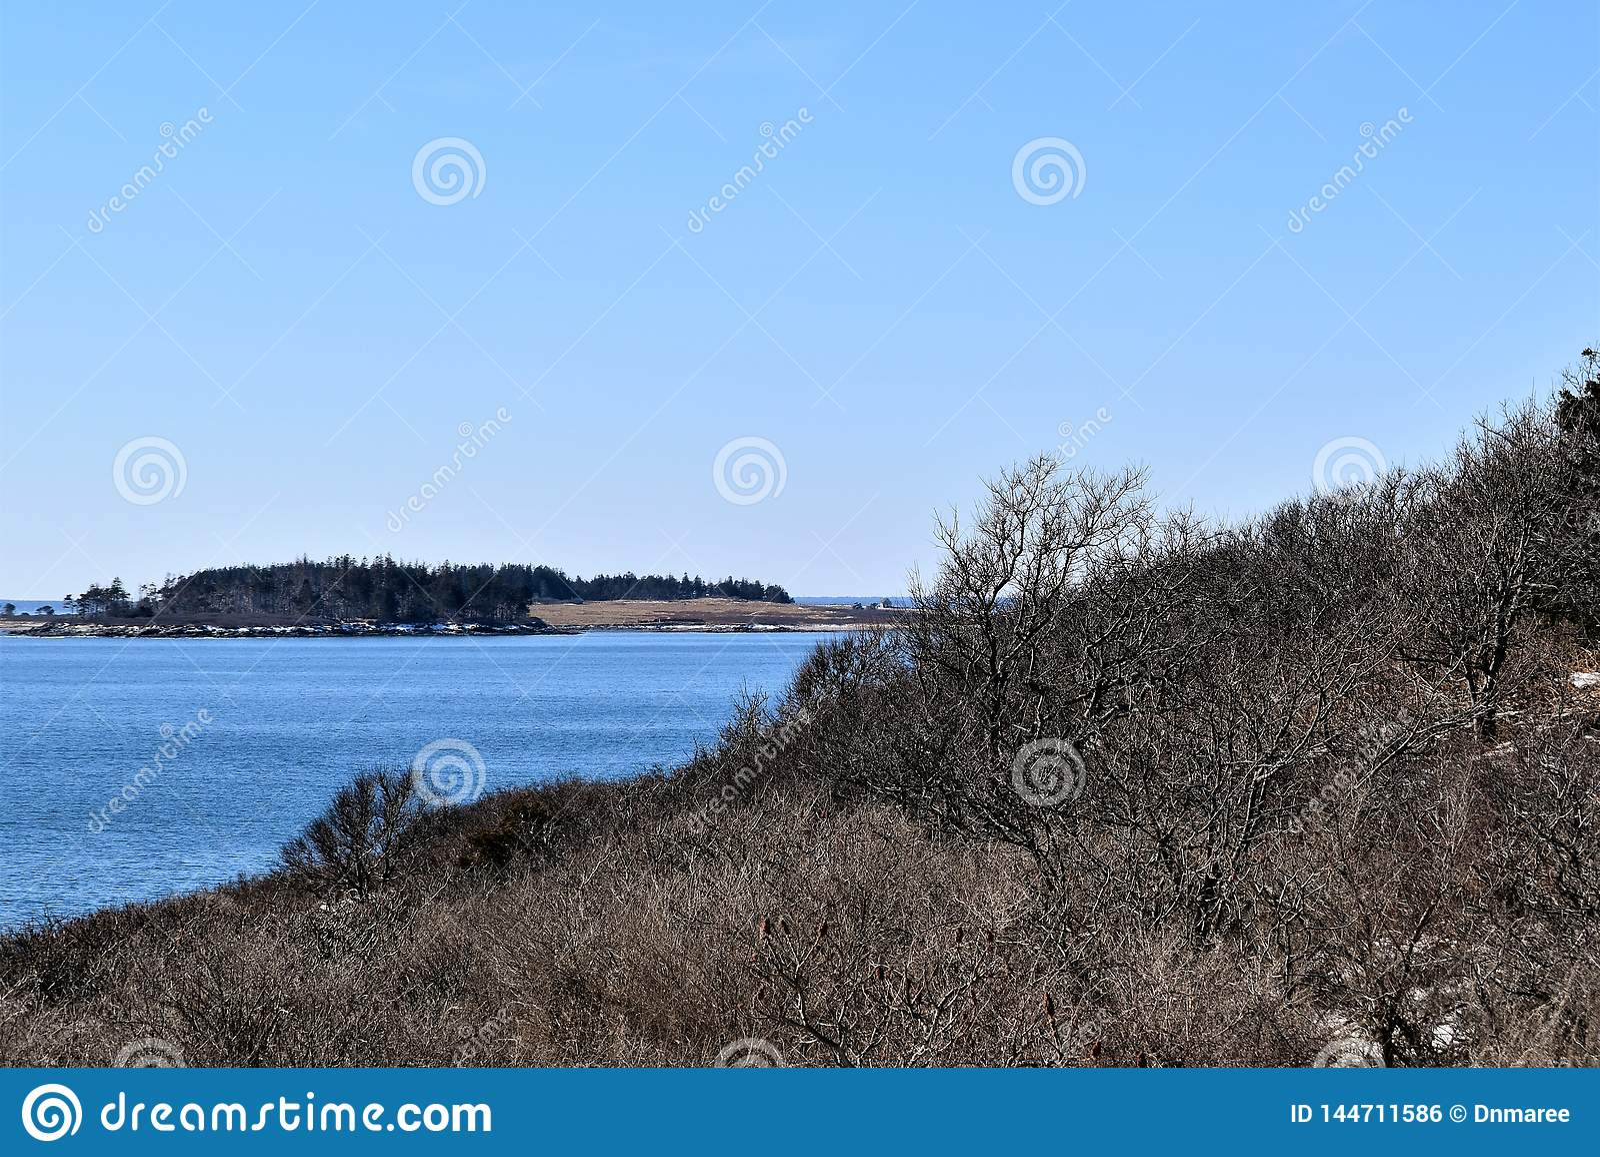 Dwa ?wiate? stanu park i otaczaj?cy widok na ocean na przyl?dku Elizabeth, Cumberland okr?g administracyjny, Maine, JA, Stany Zje